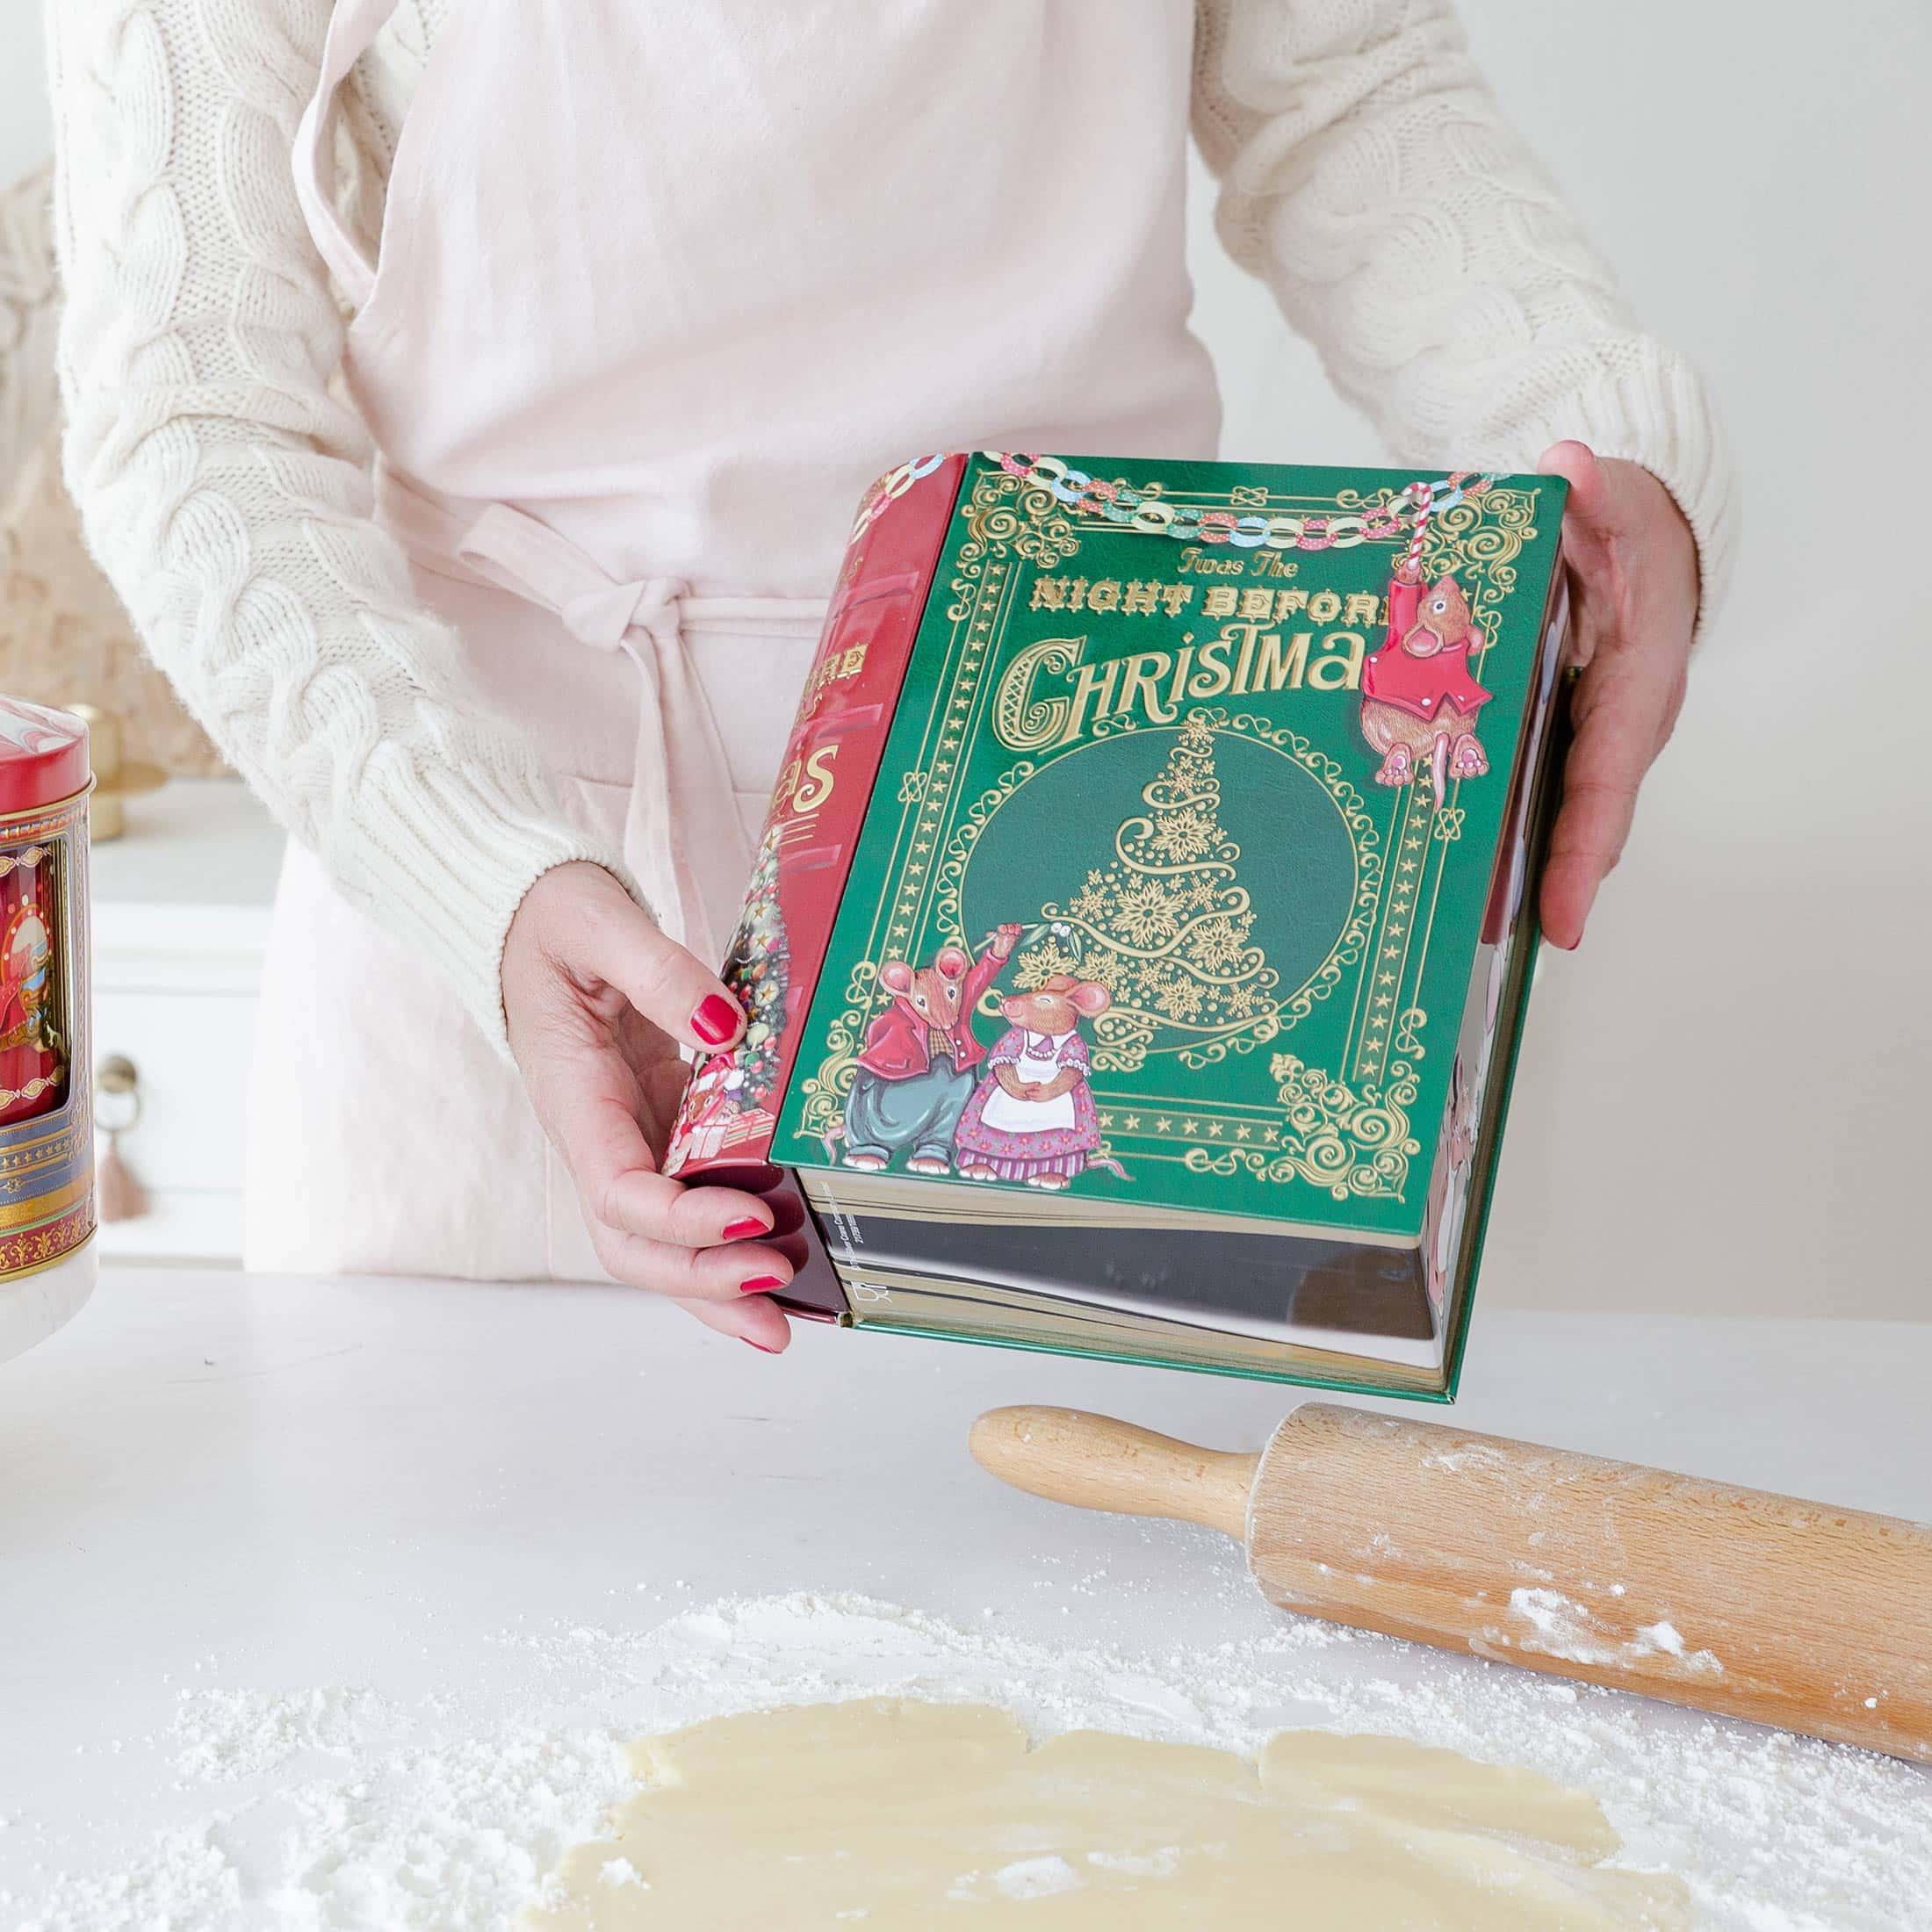 Keksdose aus Blech im Vintage Stil für die Weihnachtsplätzchen ♥ Entdecke die wunderschöne Auswahl an Keksdosen mit vielen Motiven & Designs ♥ Onlineshop